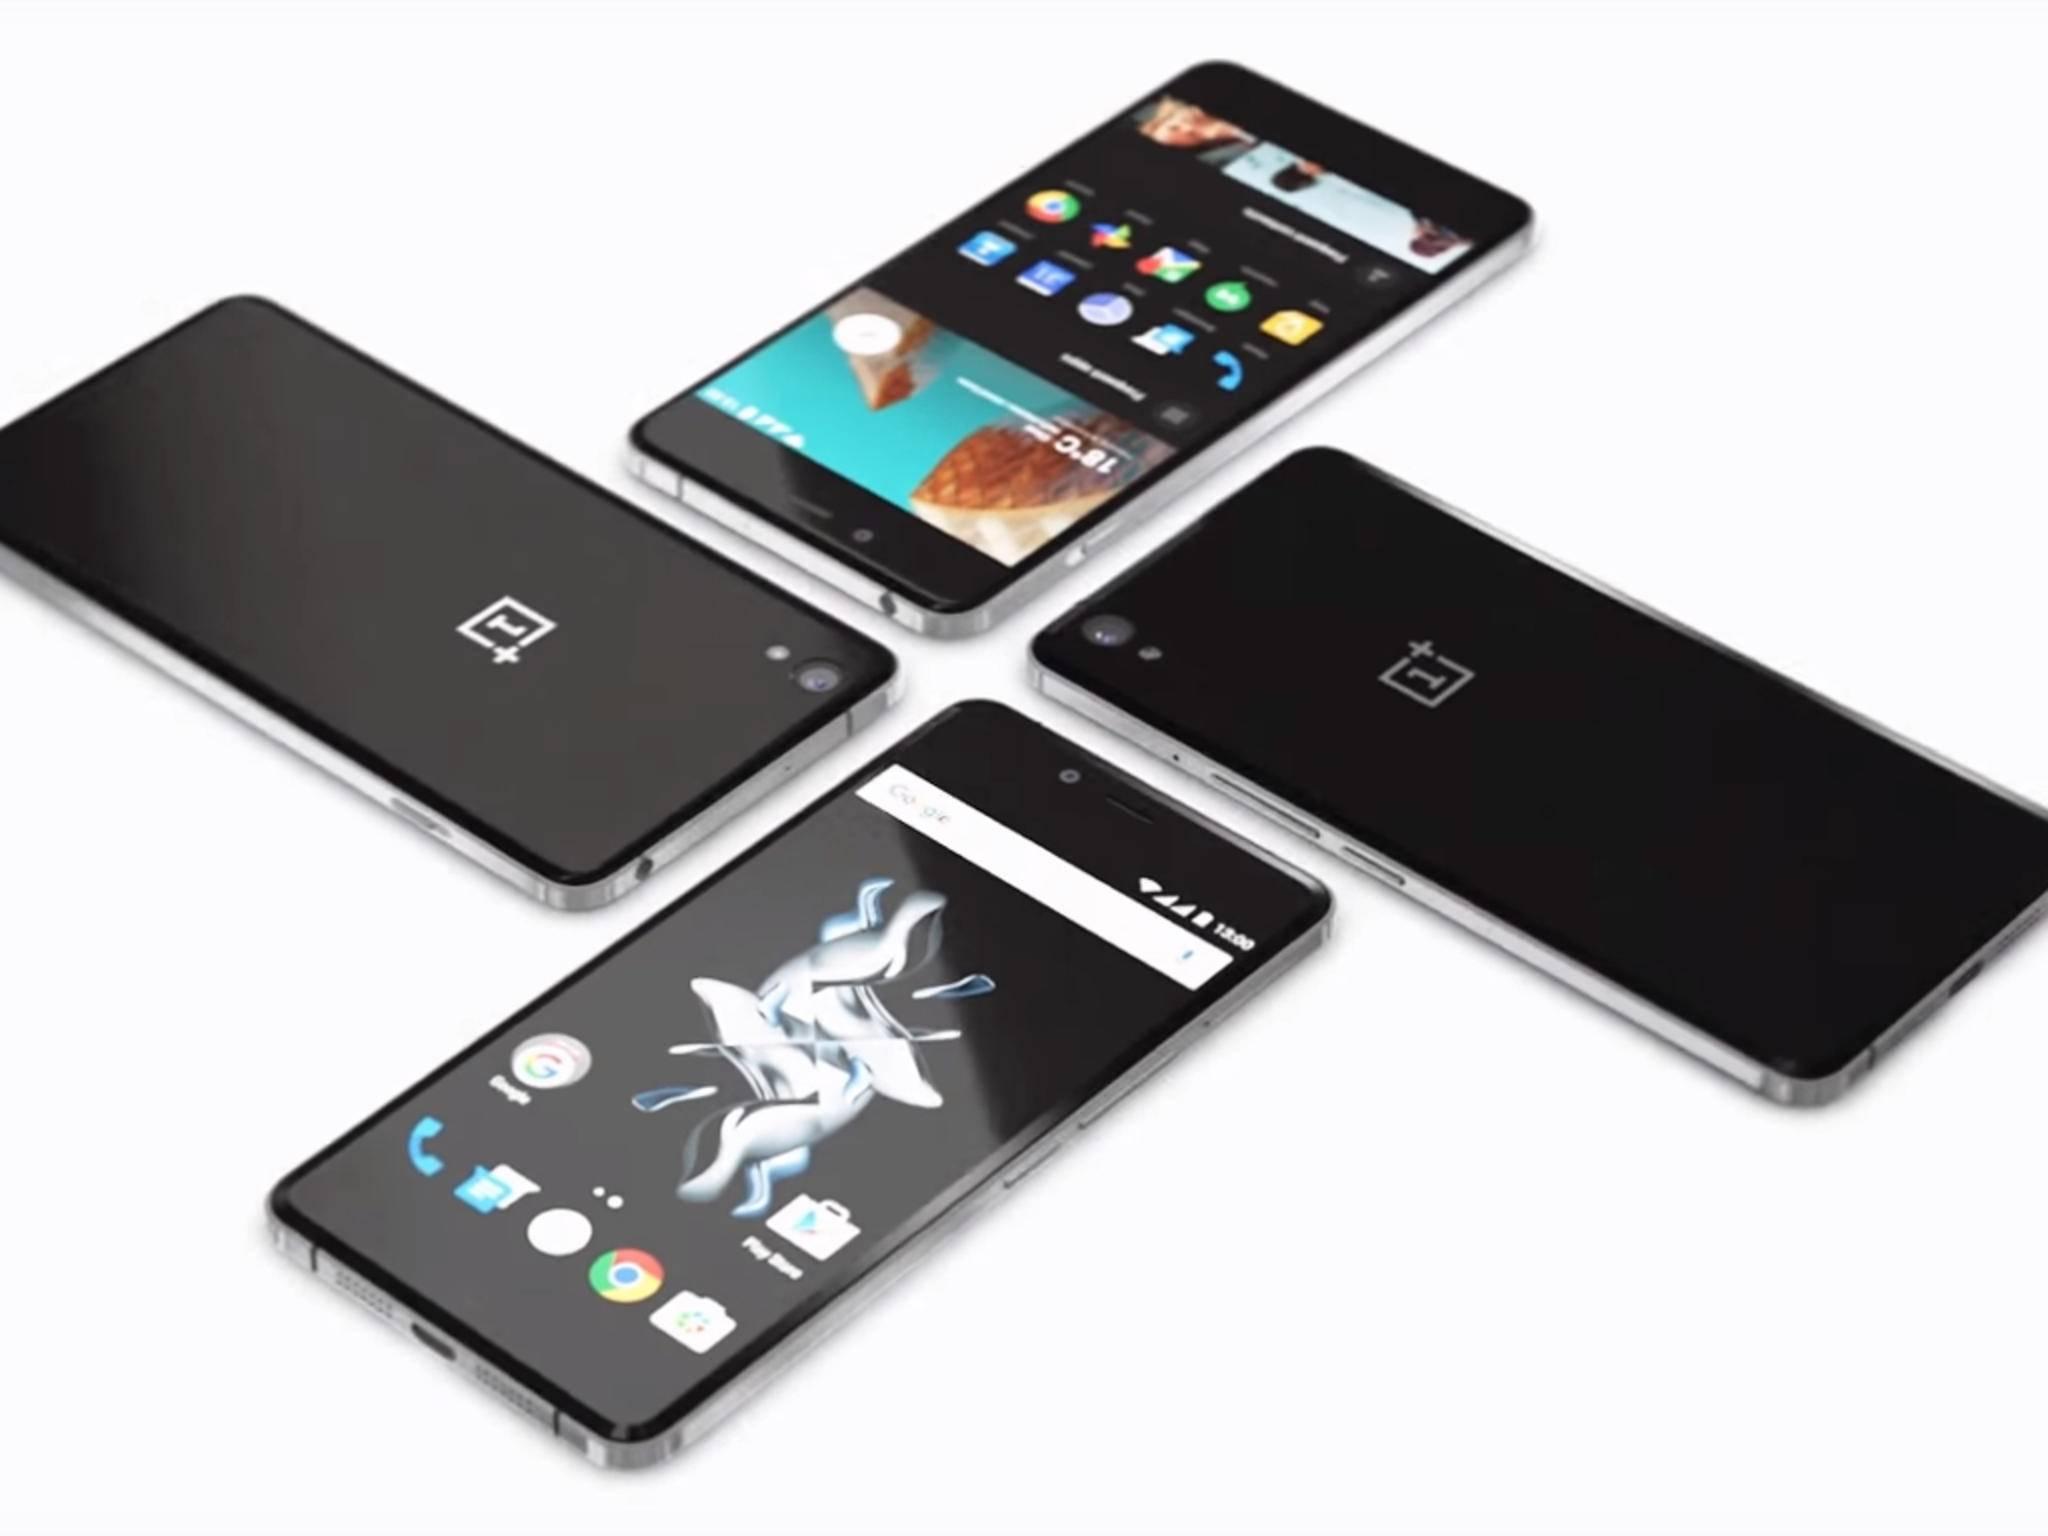 Das OnePlus X: Gehobene Mittelklasse zum Einstiegspreis.